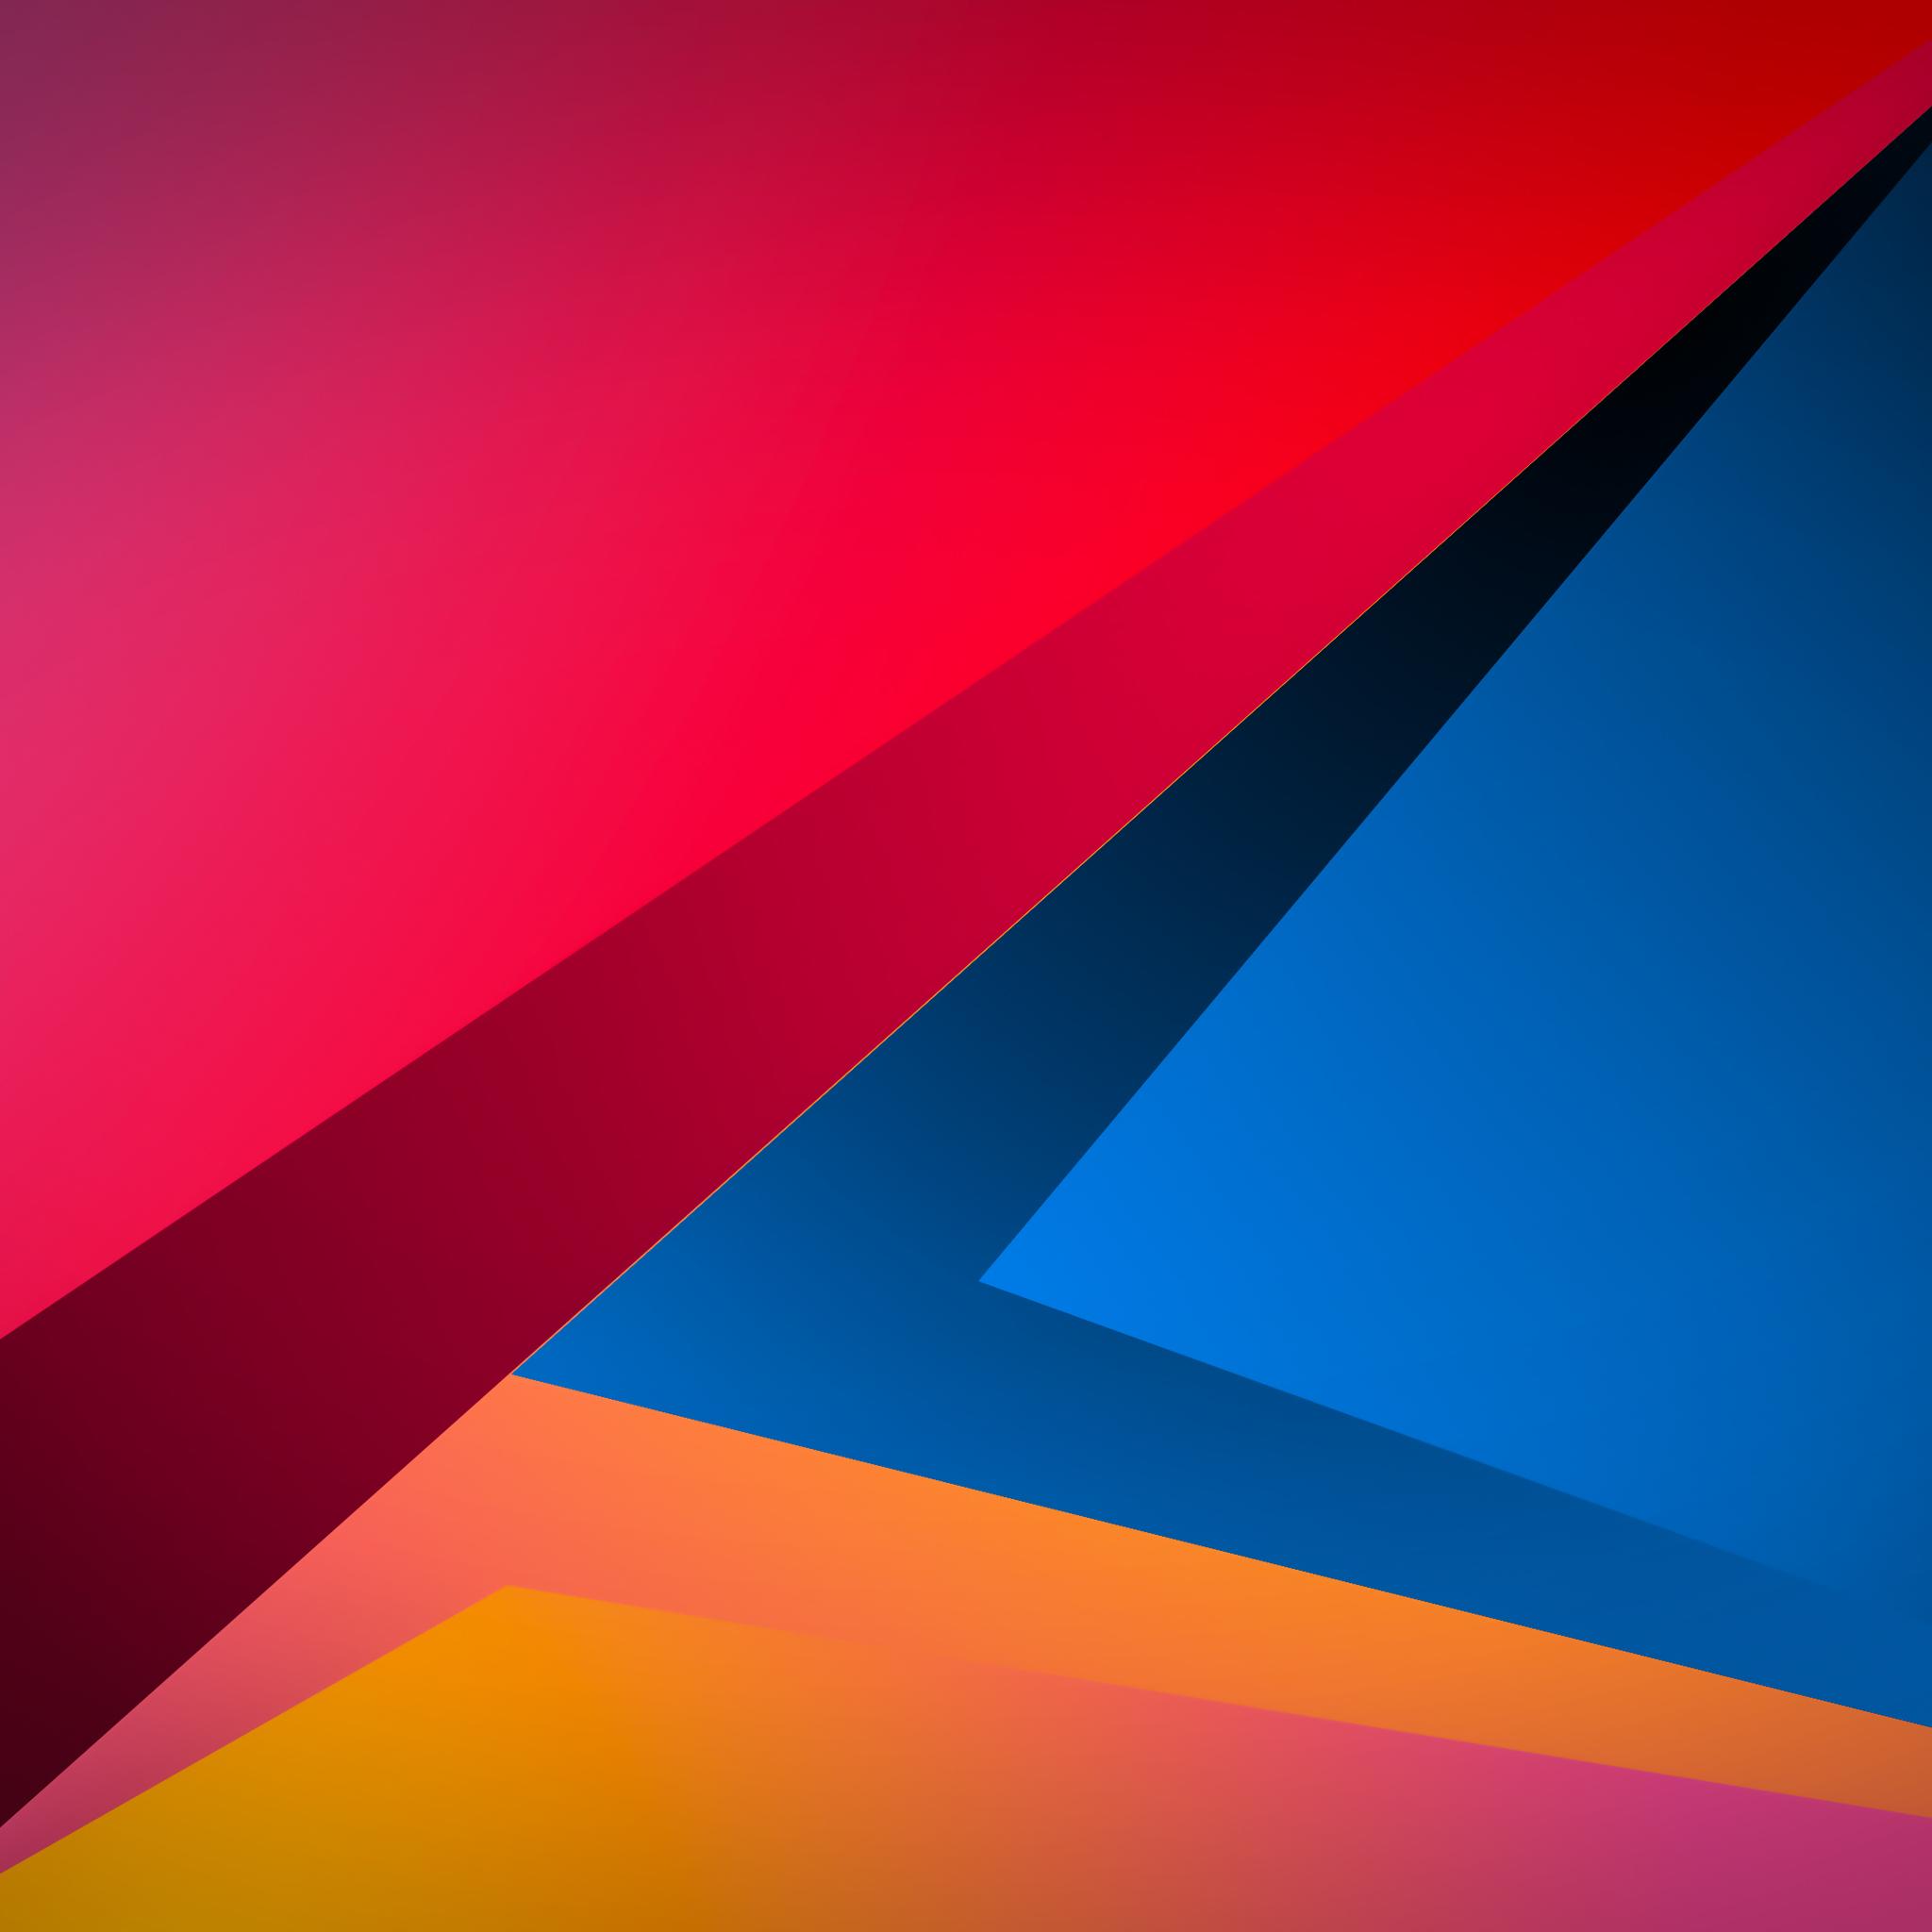 minimal-shapes-sharp-4k-ob.jpg